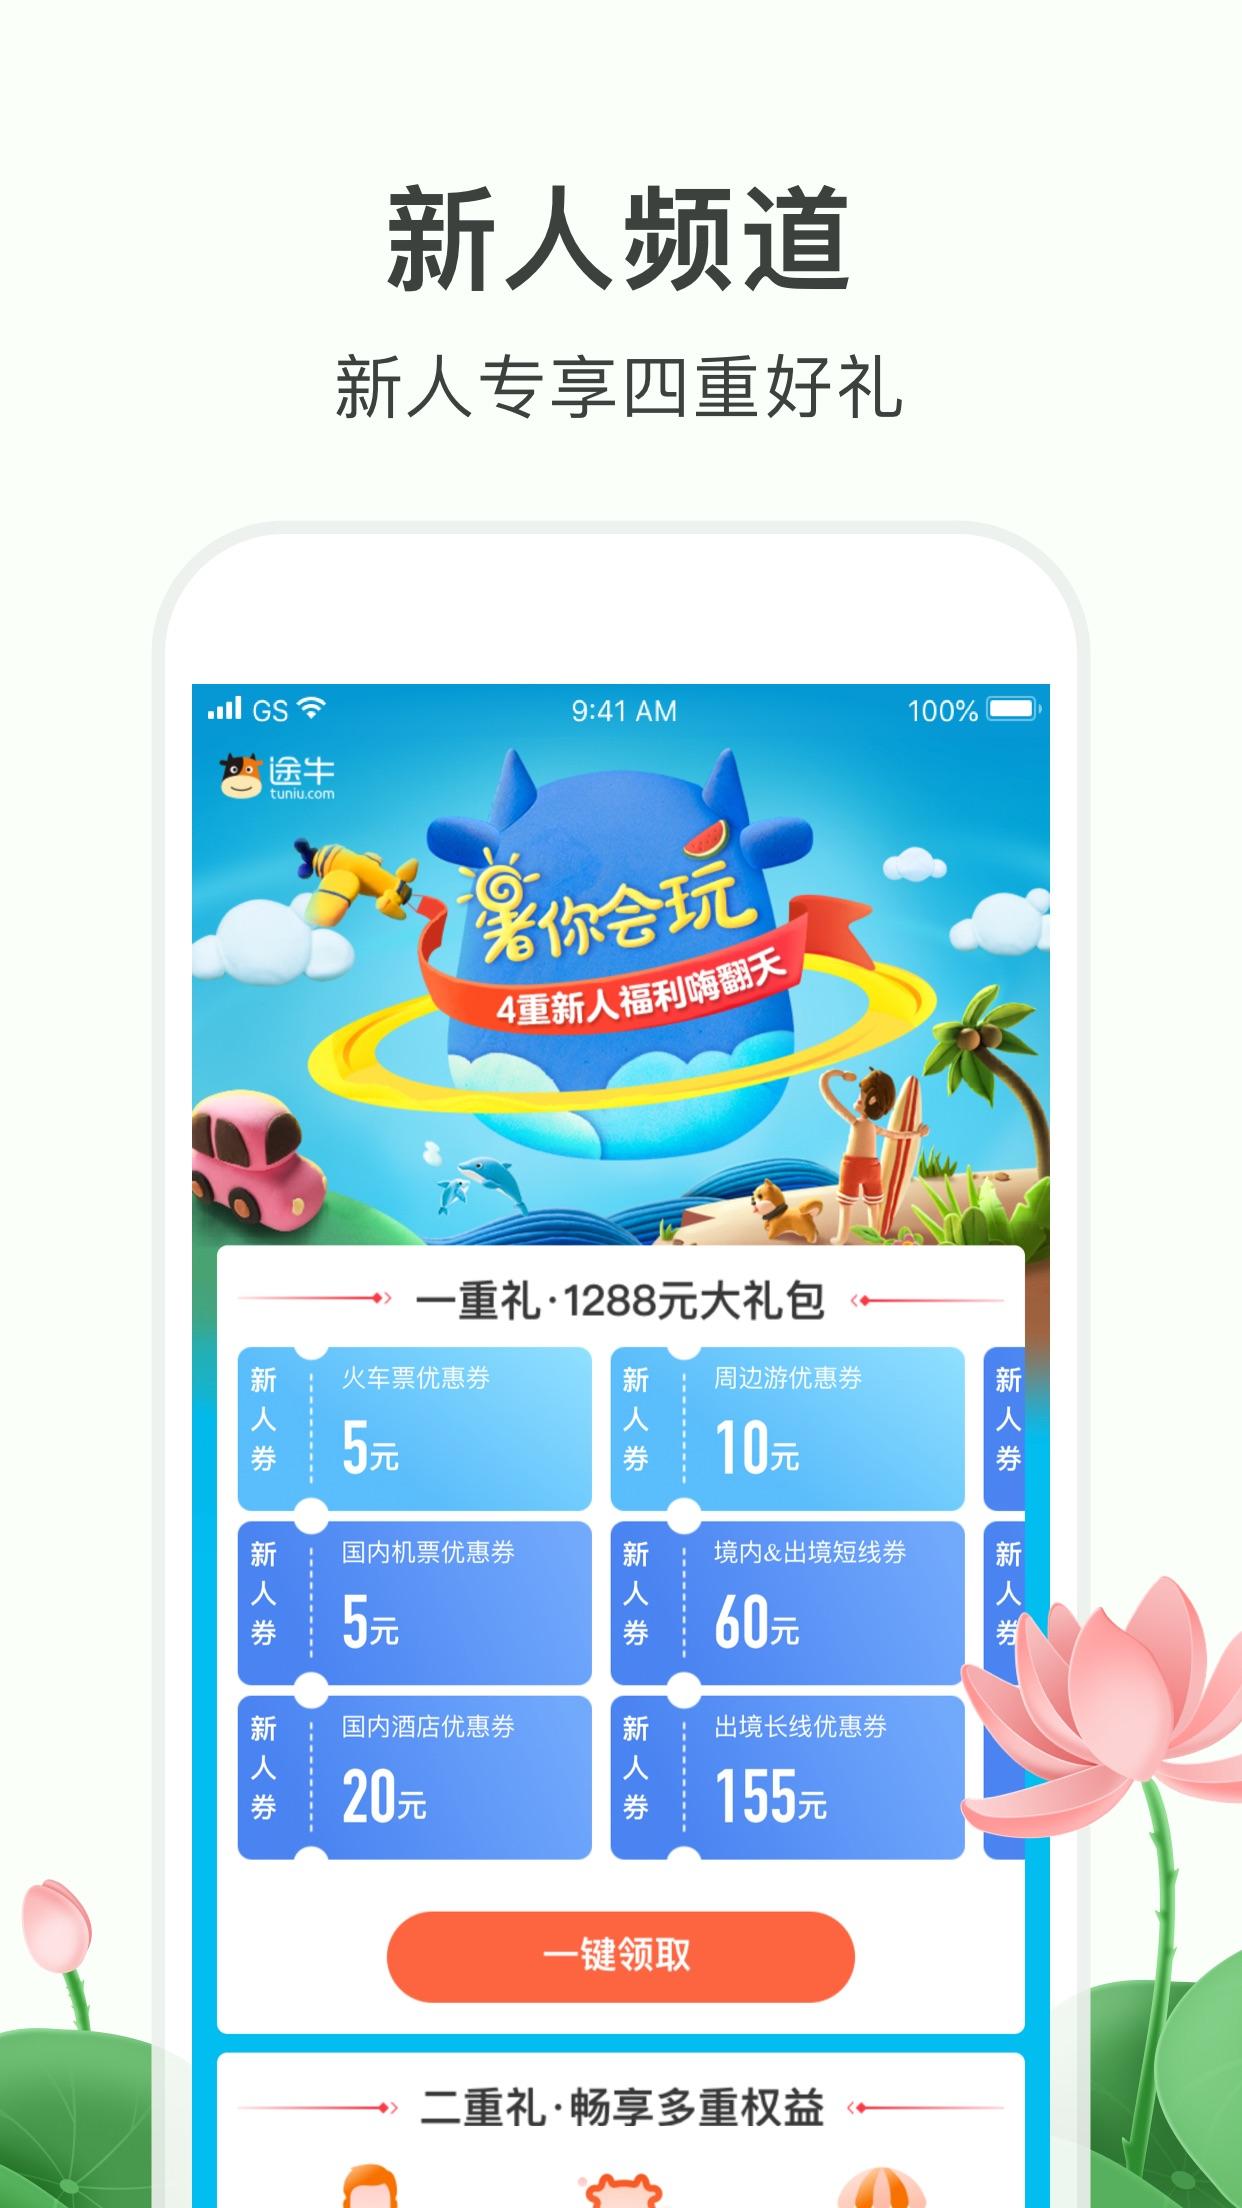 途牛旅游-高品质旅游产品预订 Screenshot